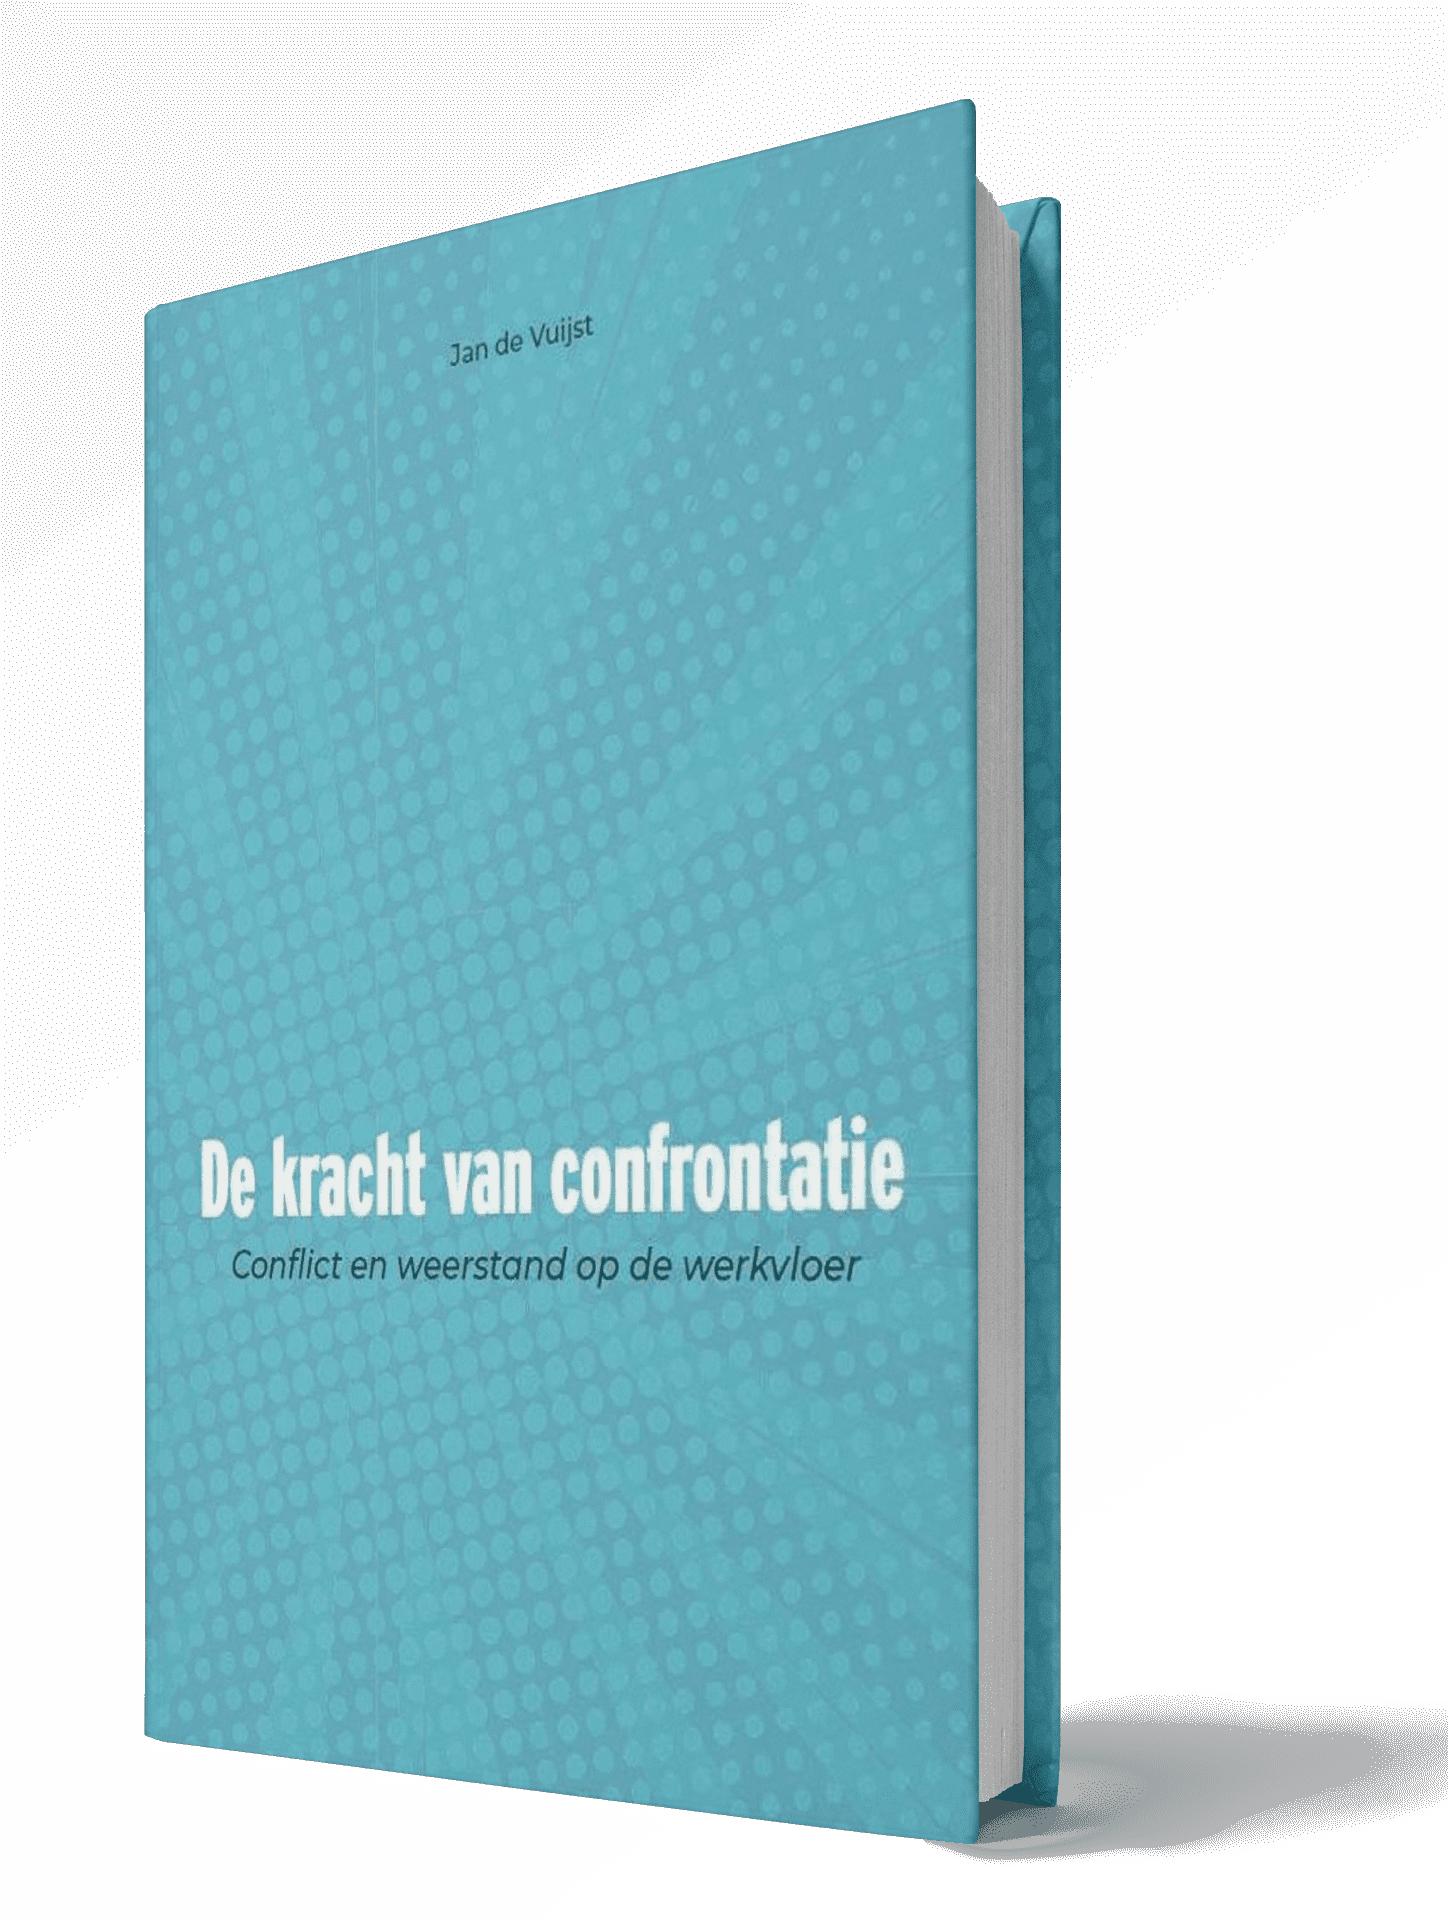 devuijst-kracht-van-confrontatie-02